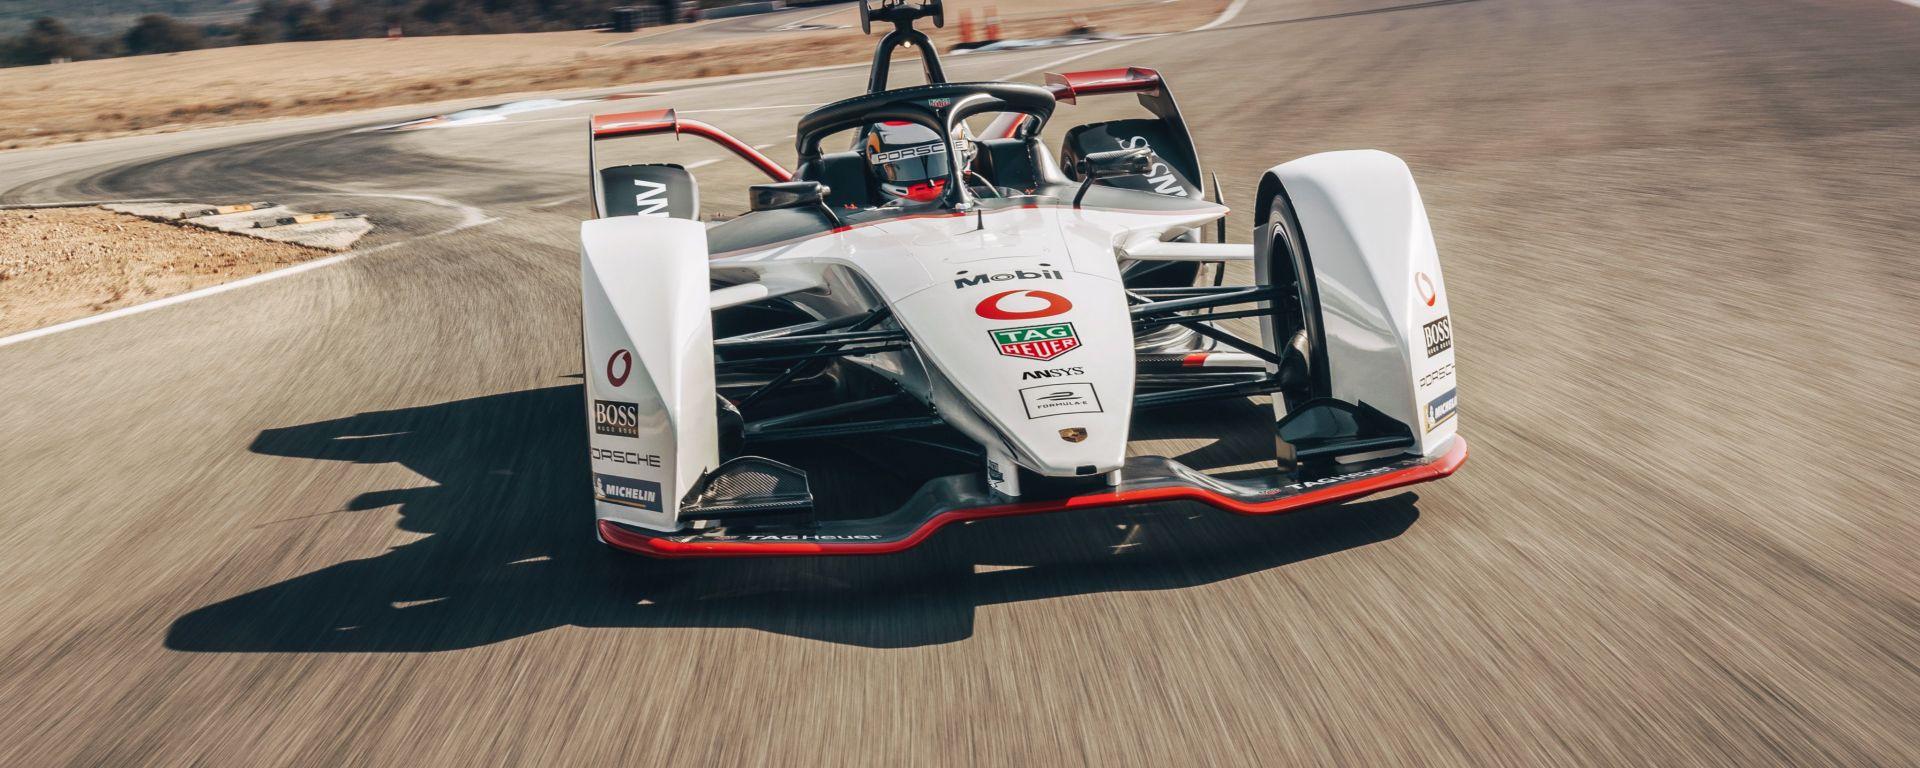 Formula E 2019-2020, la nuova Porsche 99X Electric di Neel Jani e André Lotterer